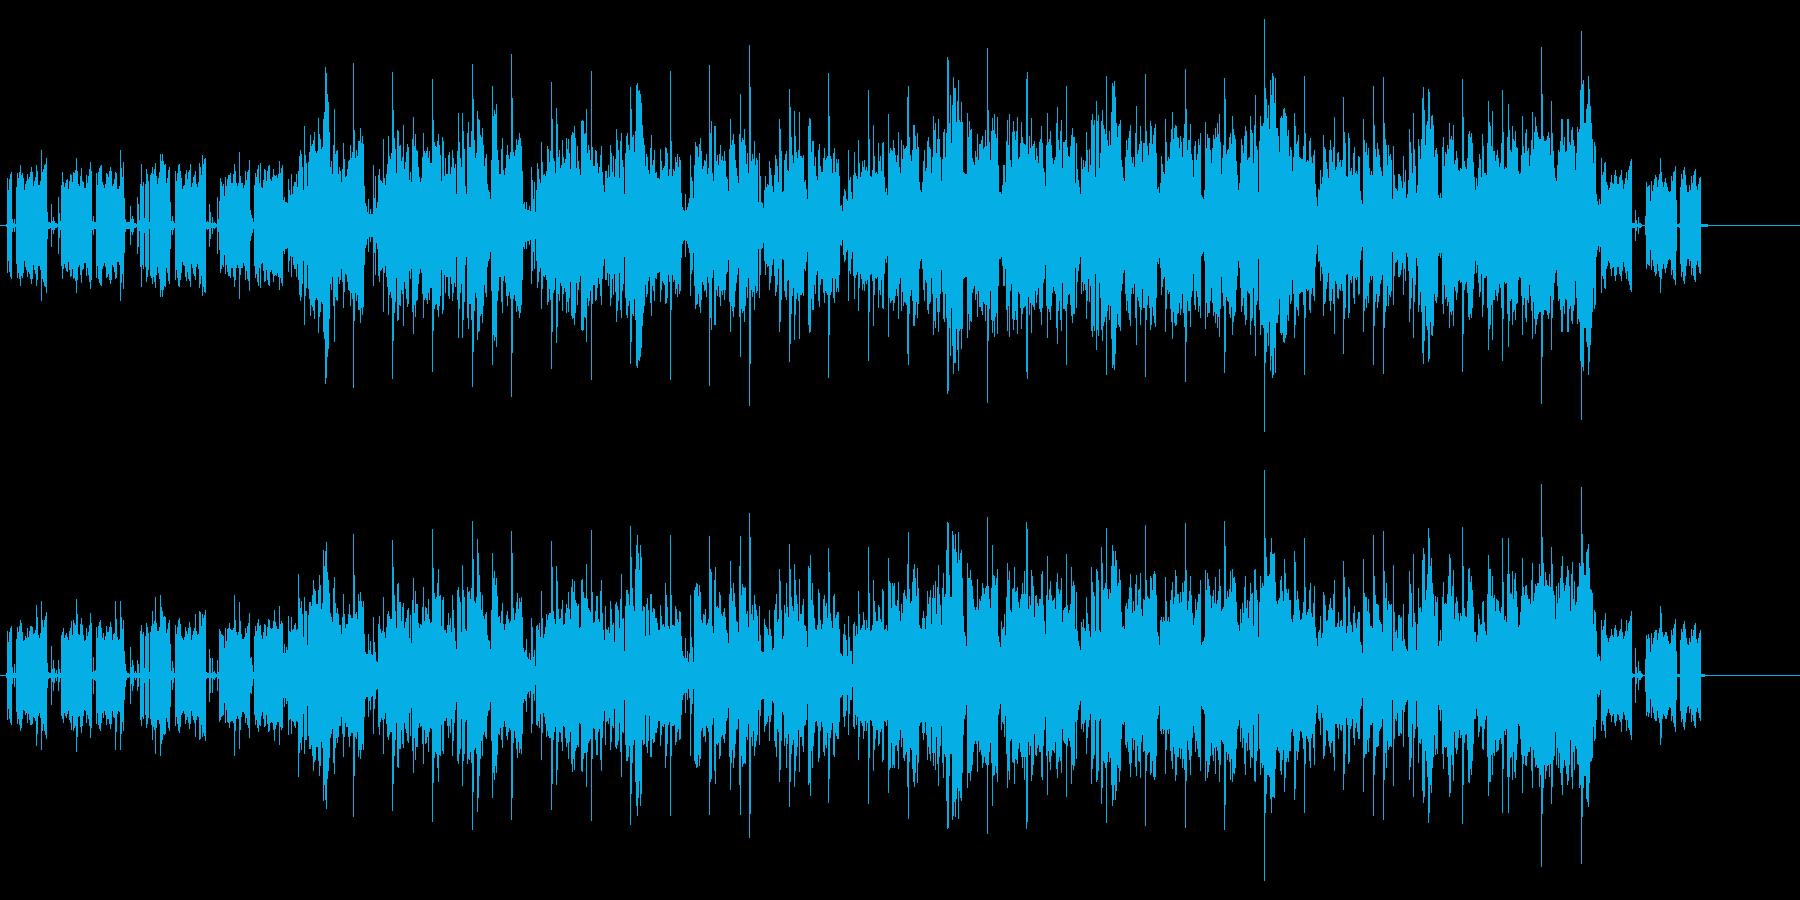 ゆったりとしたファンク・ミュージックの再生済みの波形